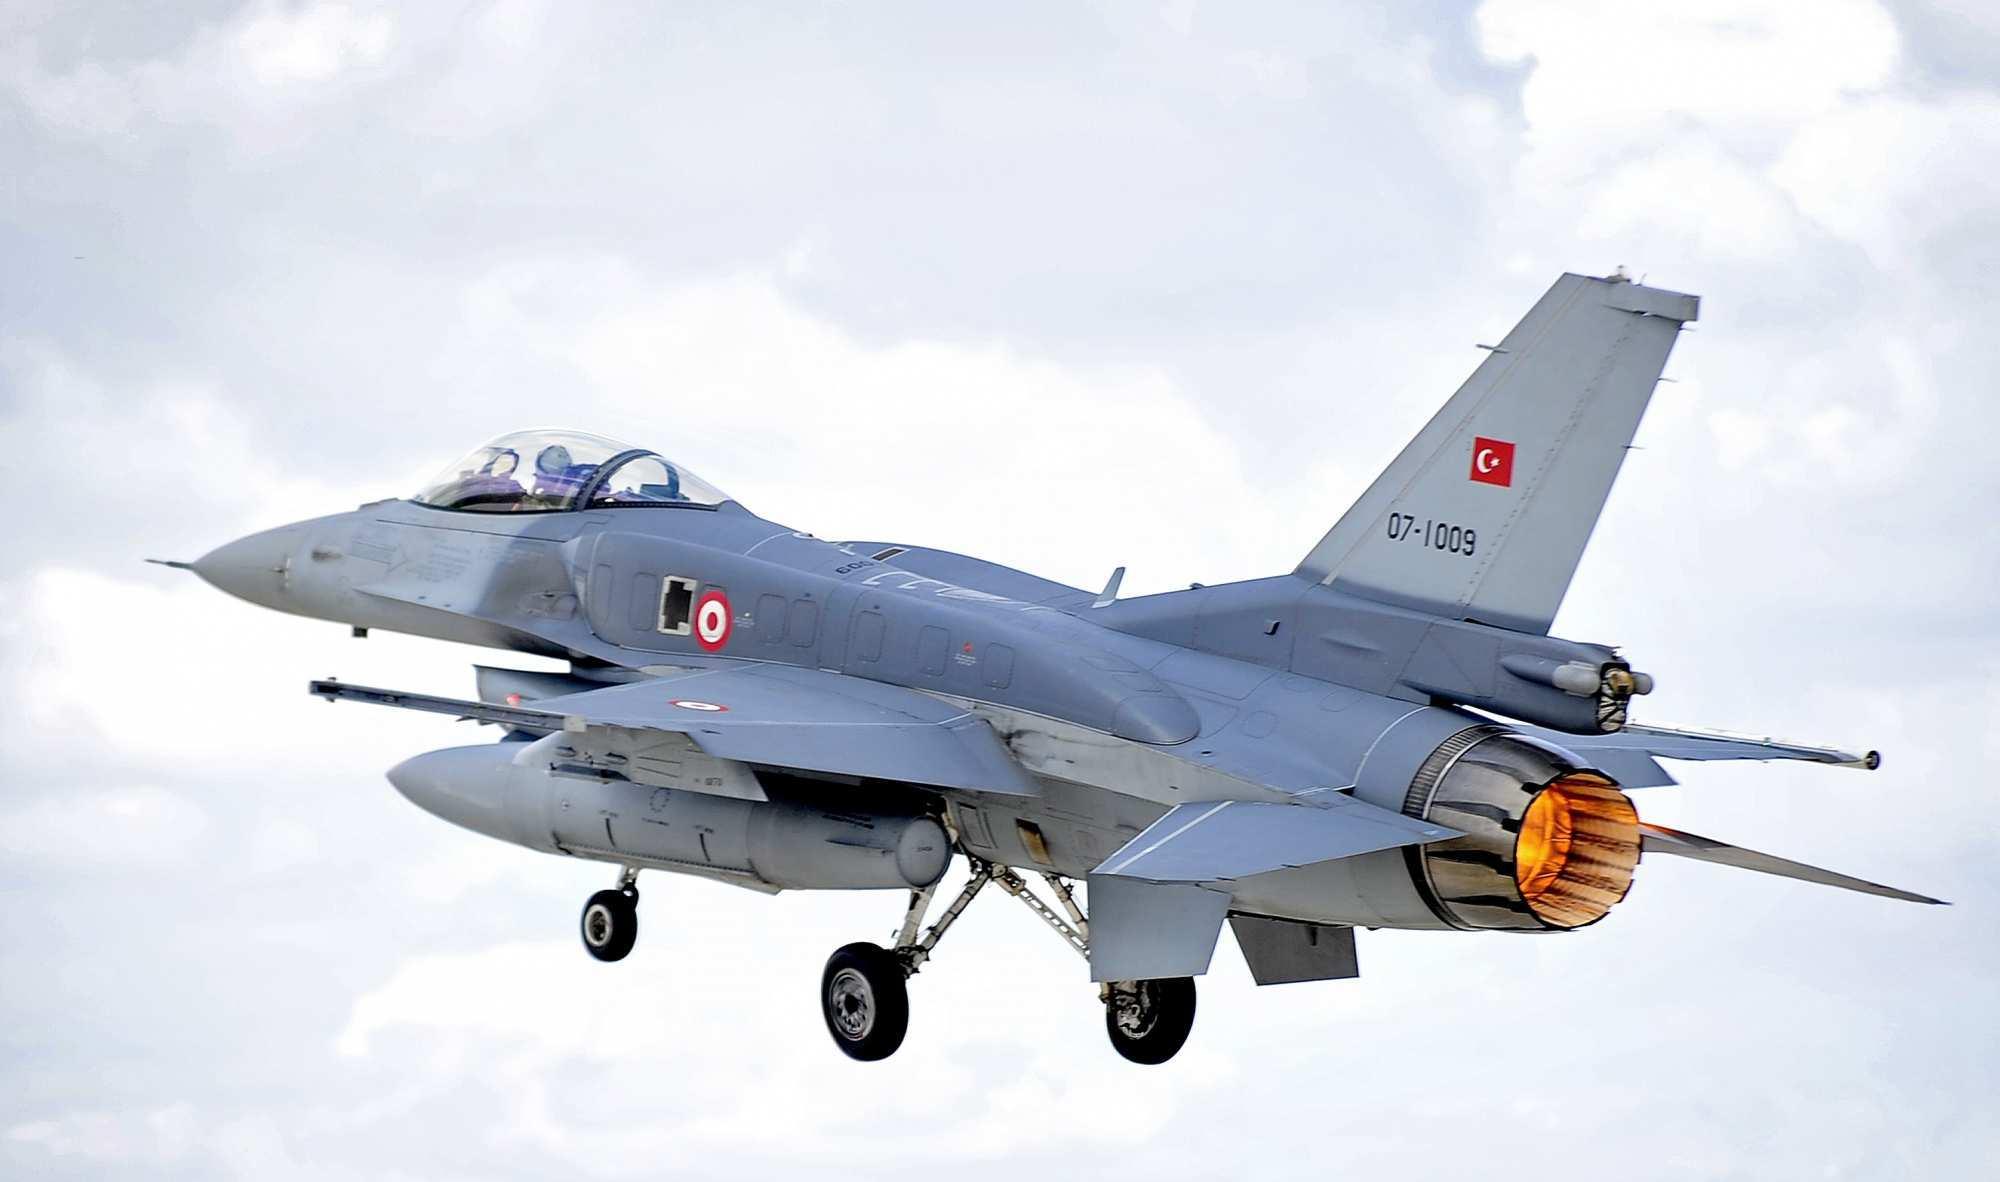 МОЛНИЯ: Турция направила к границе с Сирией военную авиацию после обстрела позиций курдов в Алеппо, — очевидцы   Русская весна